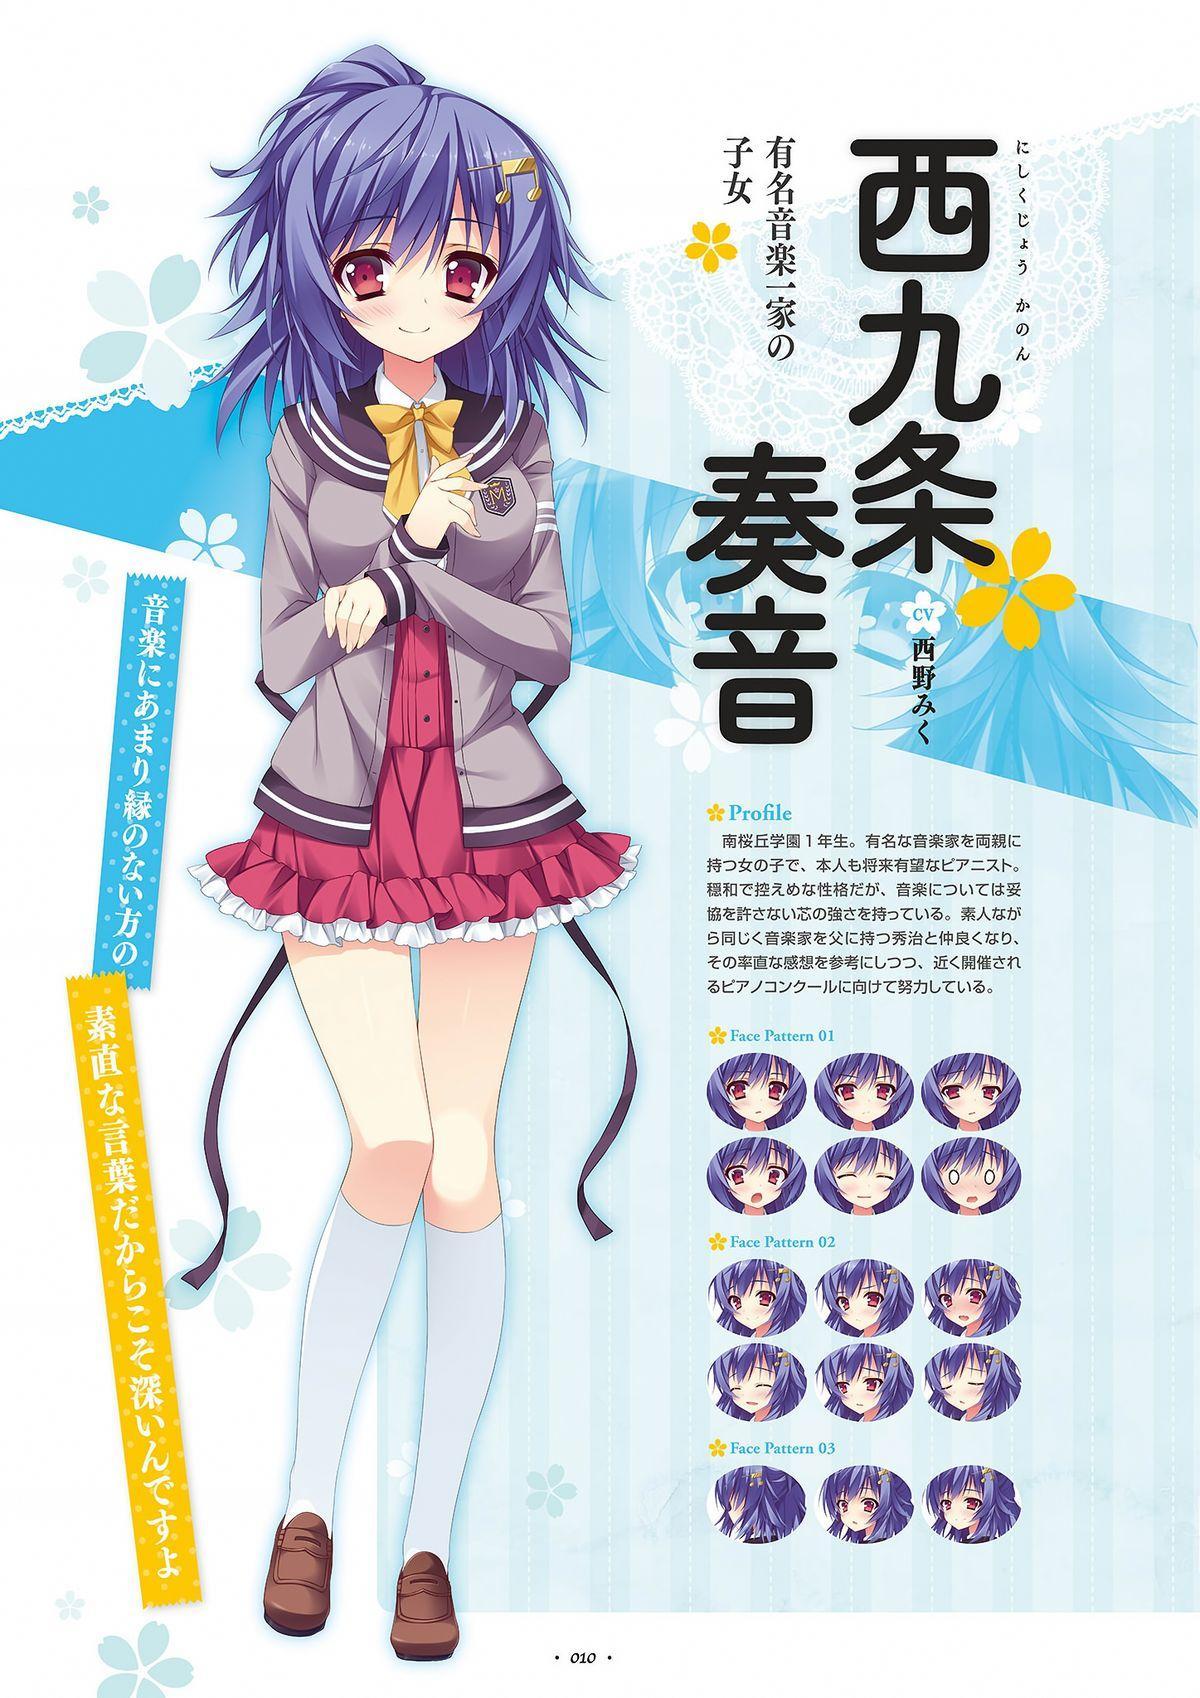 Shukufuku no Kane no Oto wa, Sakura-iro no Kaze to Tomo ni Visual Fanbook 11